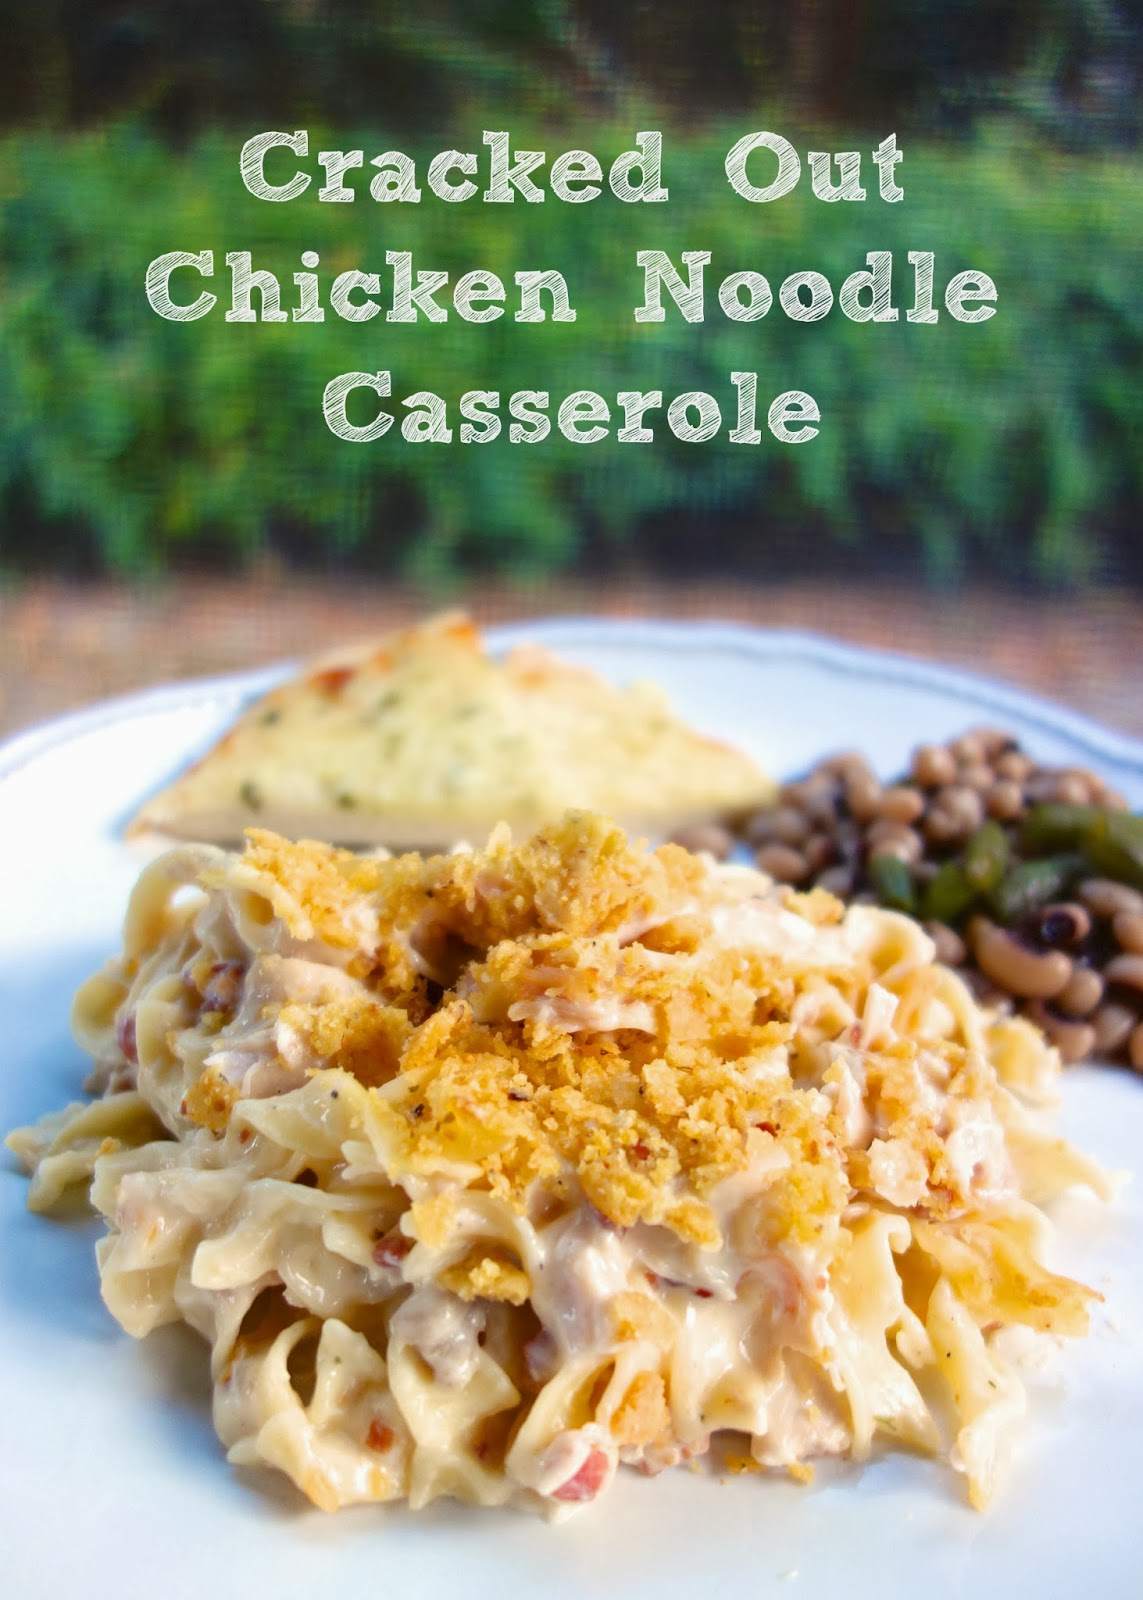 Out Chicken Noodle Casserole Recipe - chicken, noodles, chicken ...